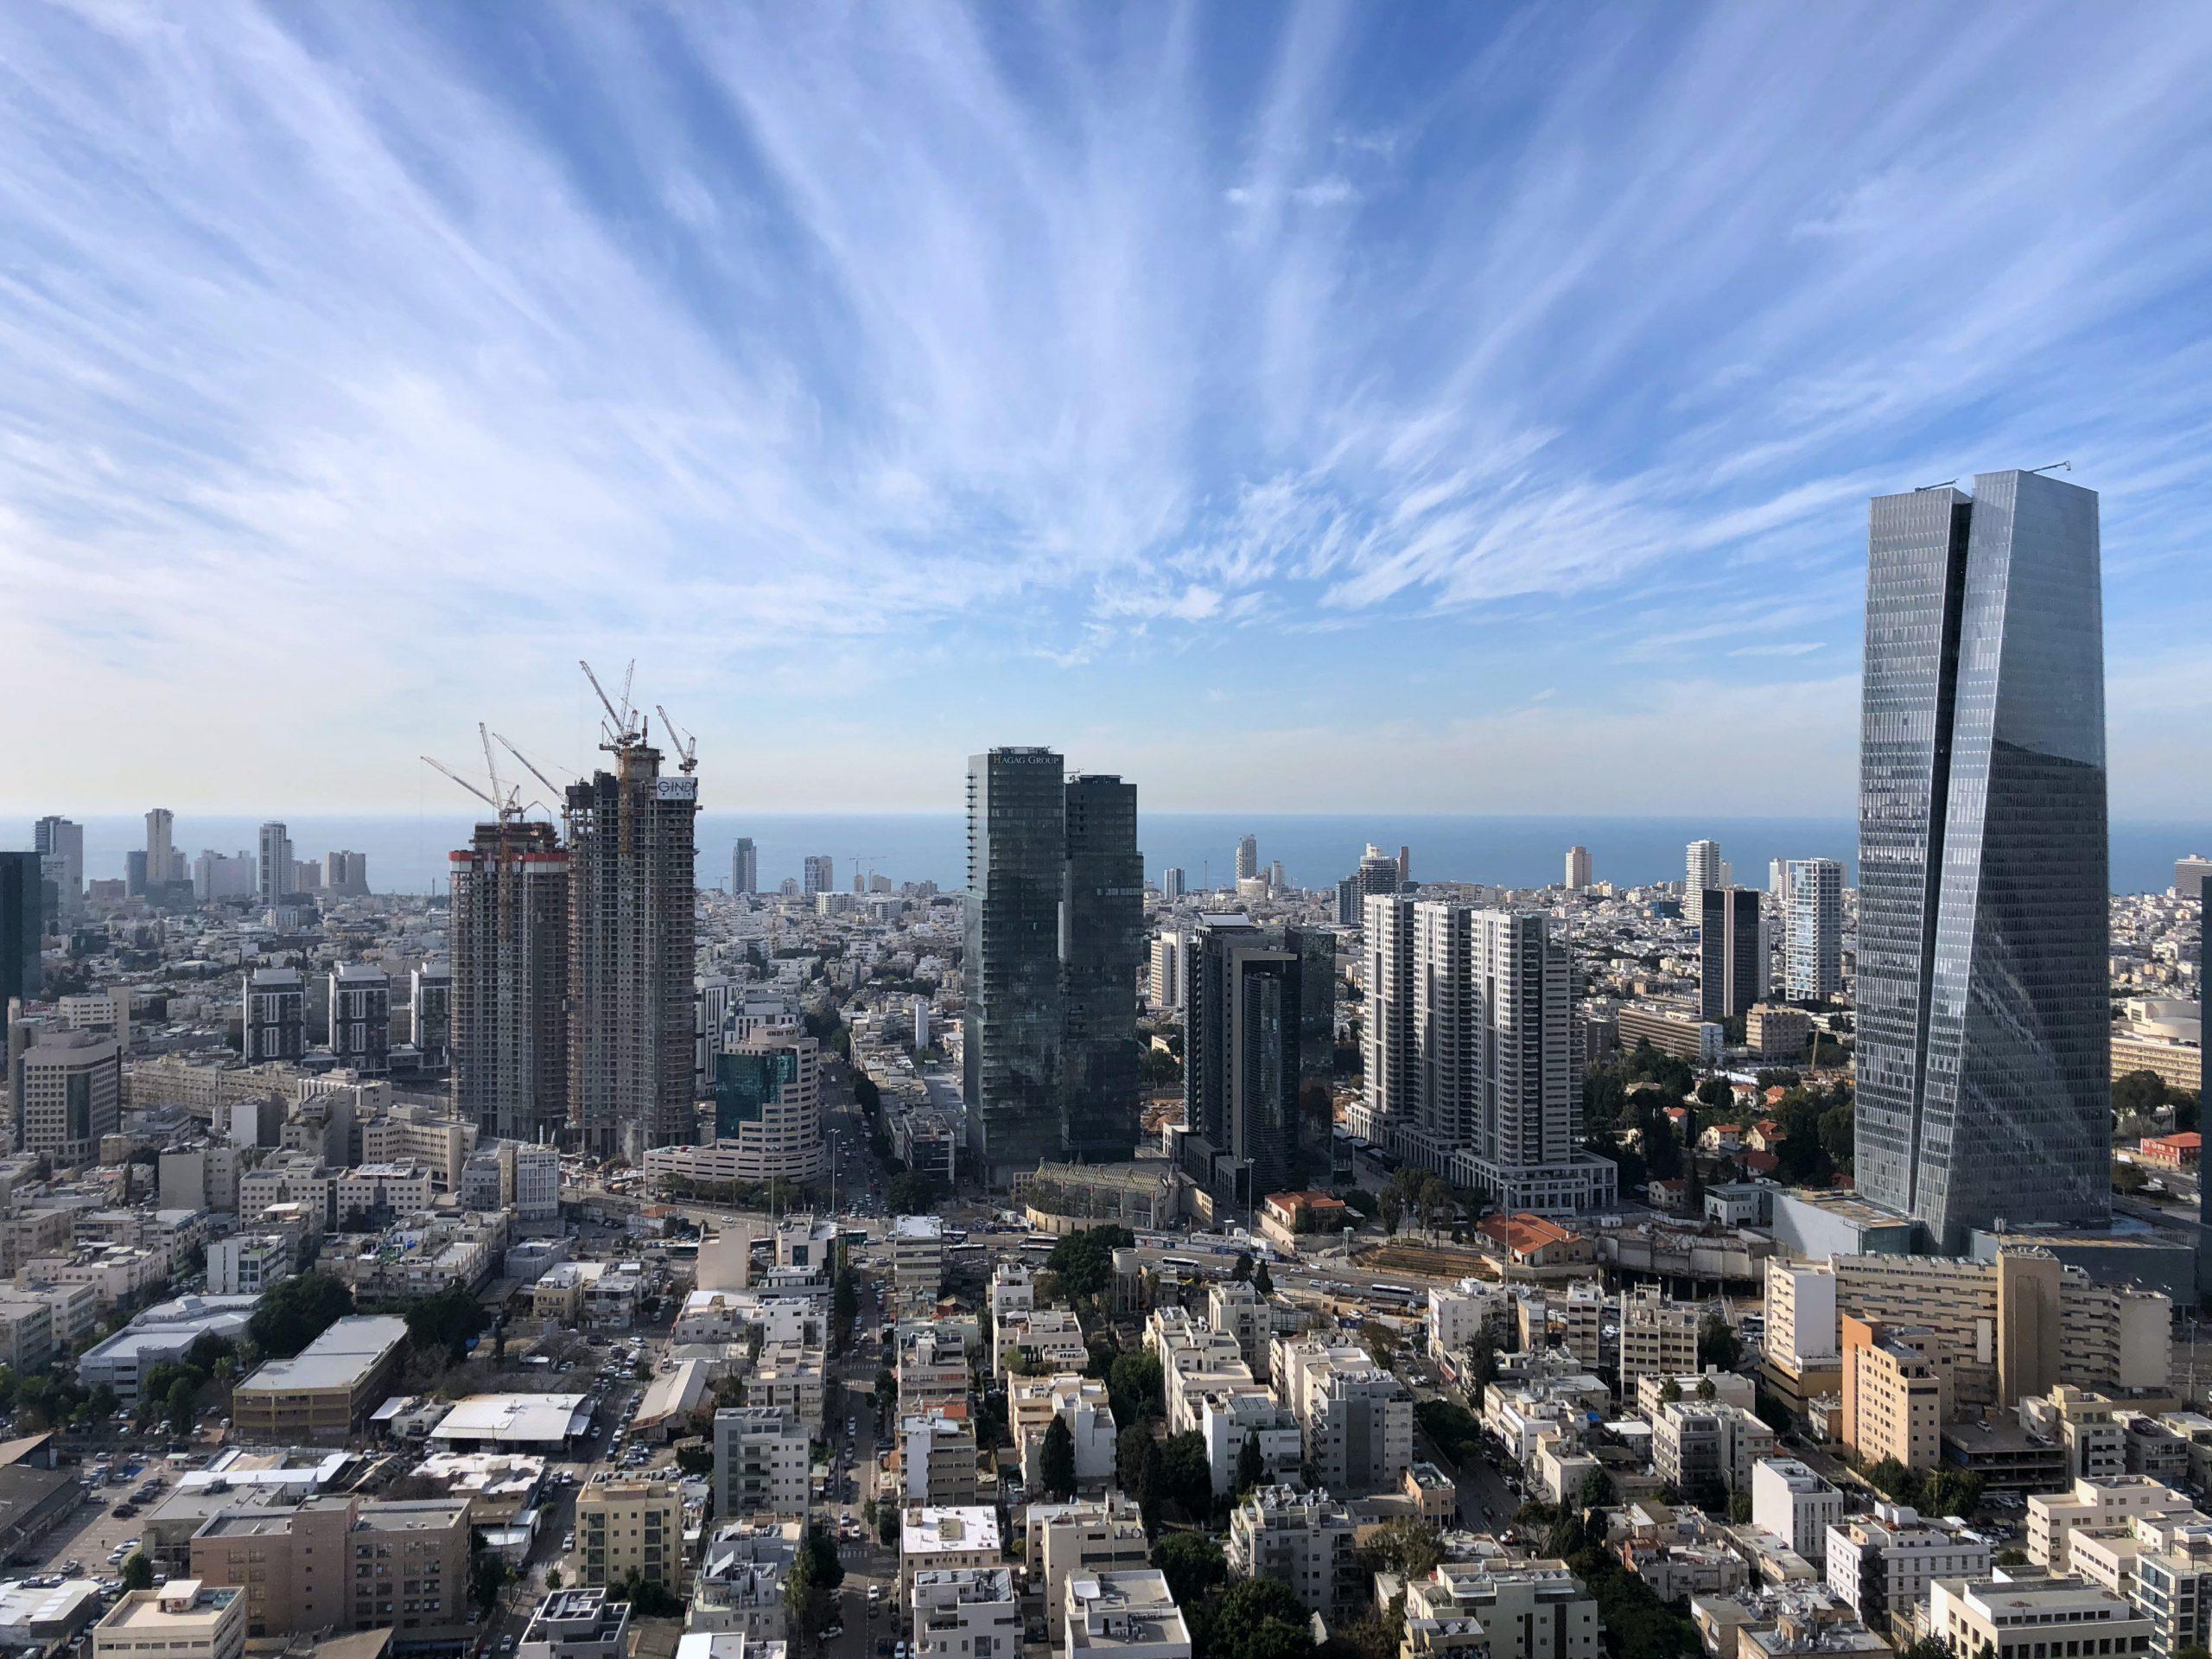 תל אביב מתחדשת ללא הפסקה